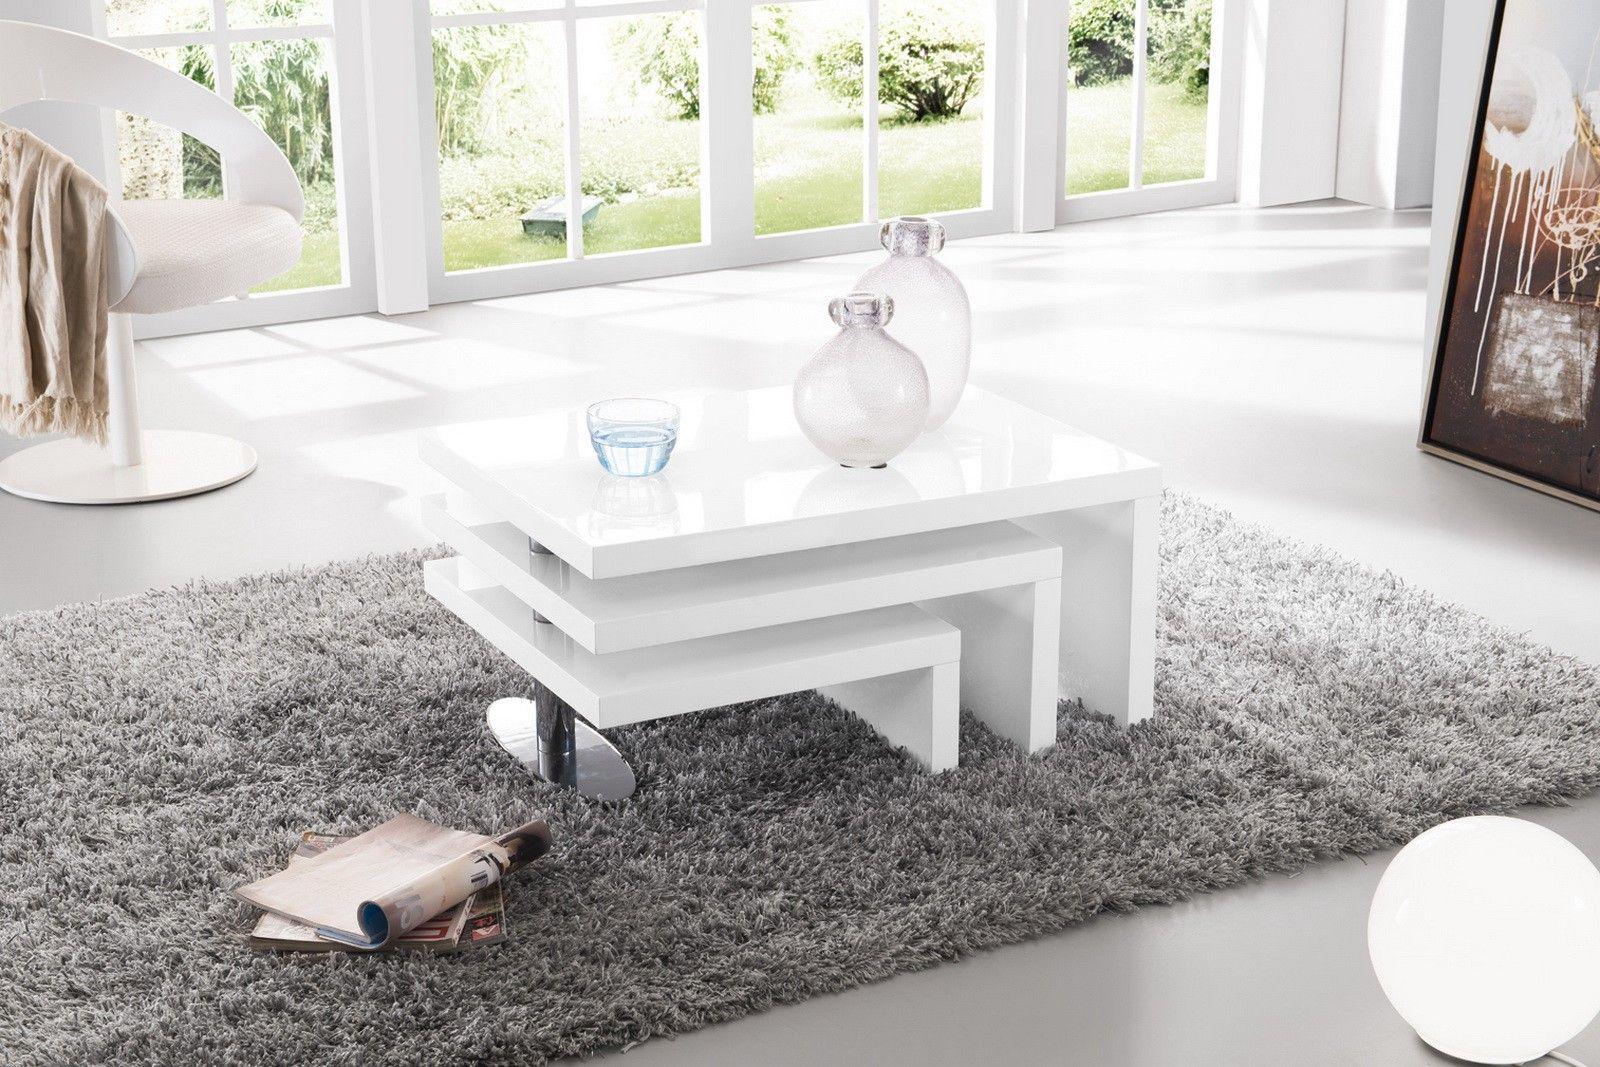 Table Basse A 3 Plateaux Pivotants Blanc Laque Table Basse Design Table Basse Meuble Maison